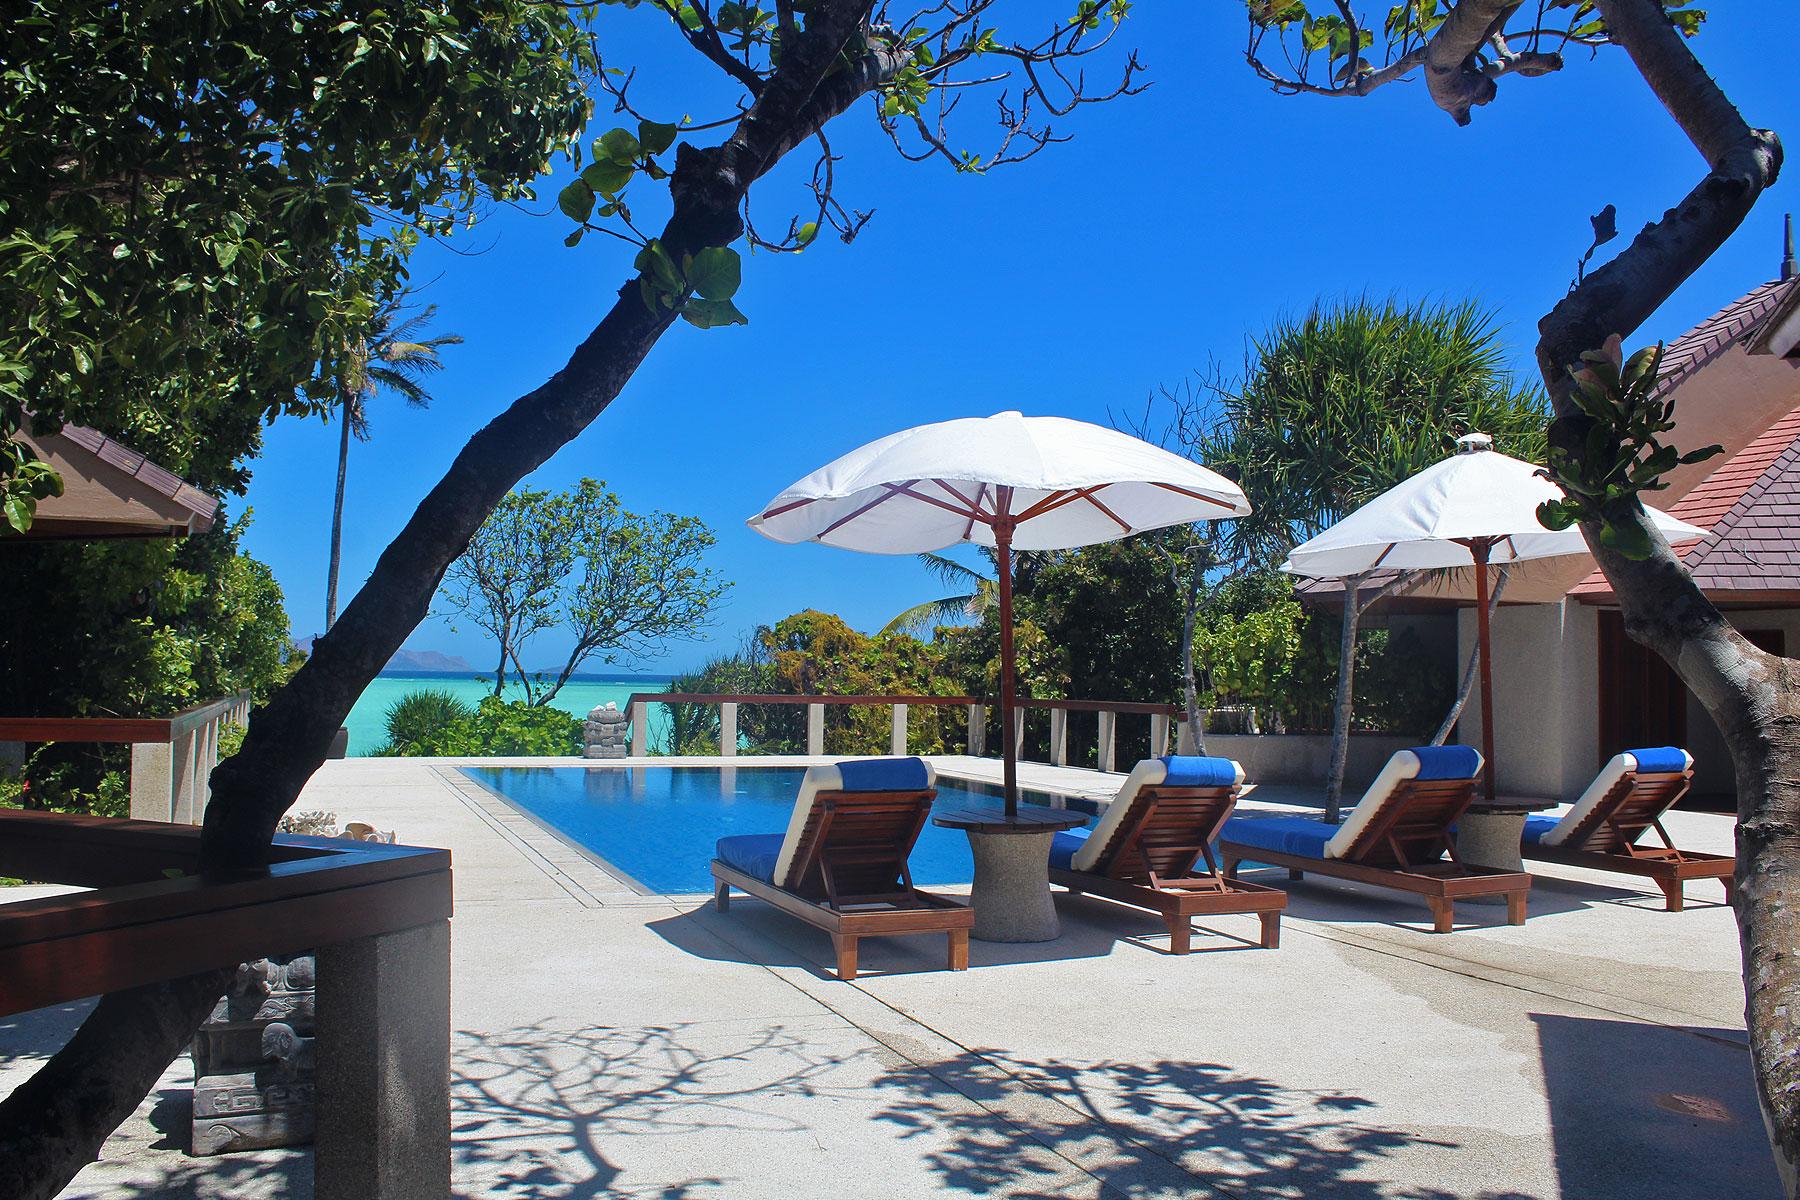 一戸建て のために 売買 アット World Renowned Amanpulo Exclusive Villa Villa 7, Amanpulo Resort, Pamalican Island, Brgy. Manamoc, Cuyo Other Palawan, Palawan 6224 フィリピン